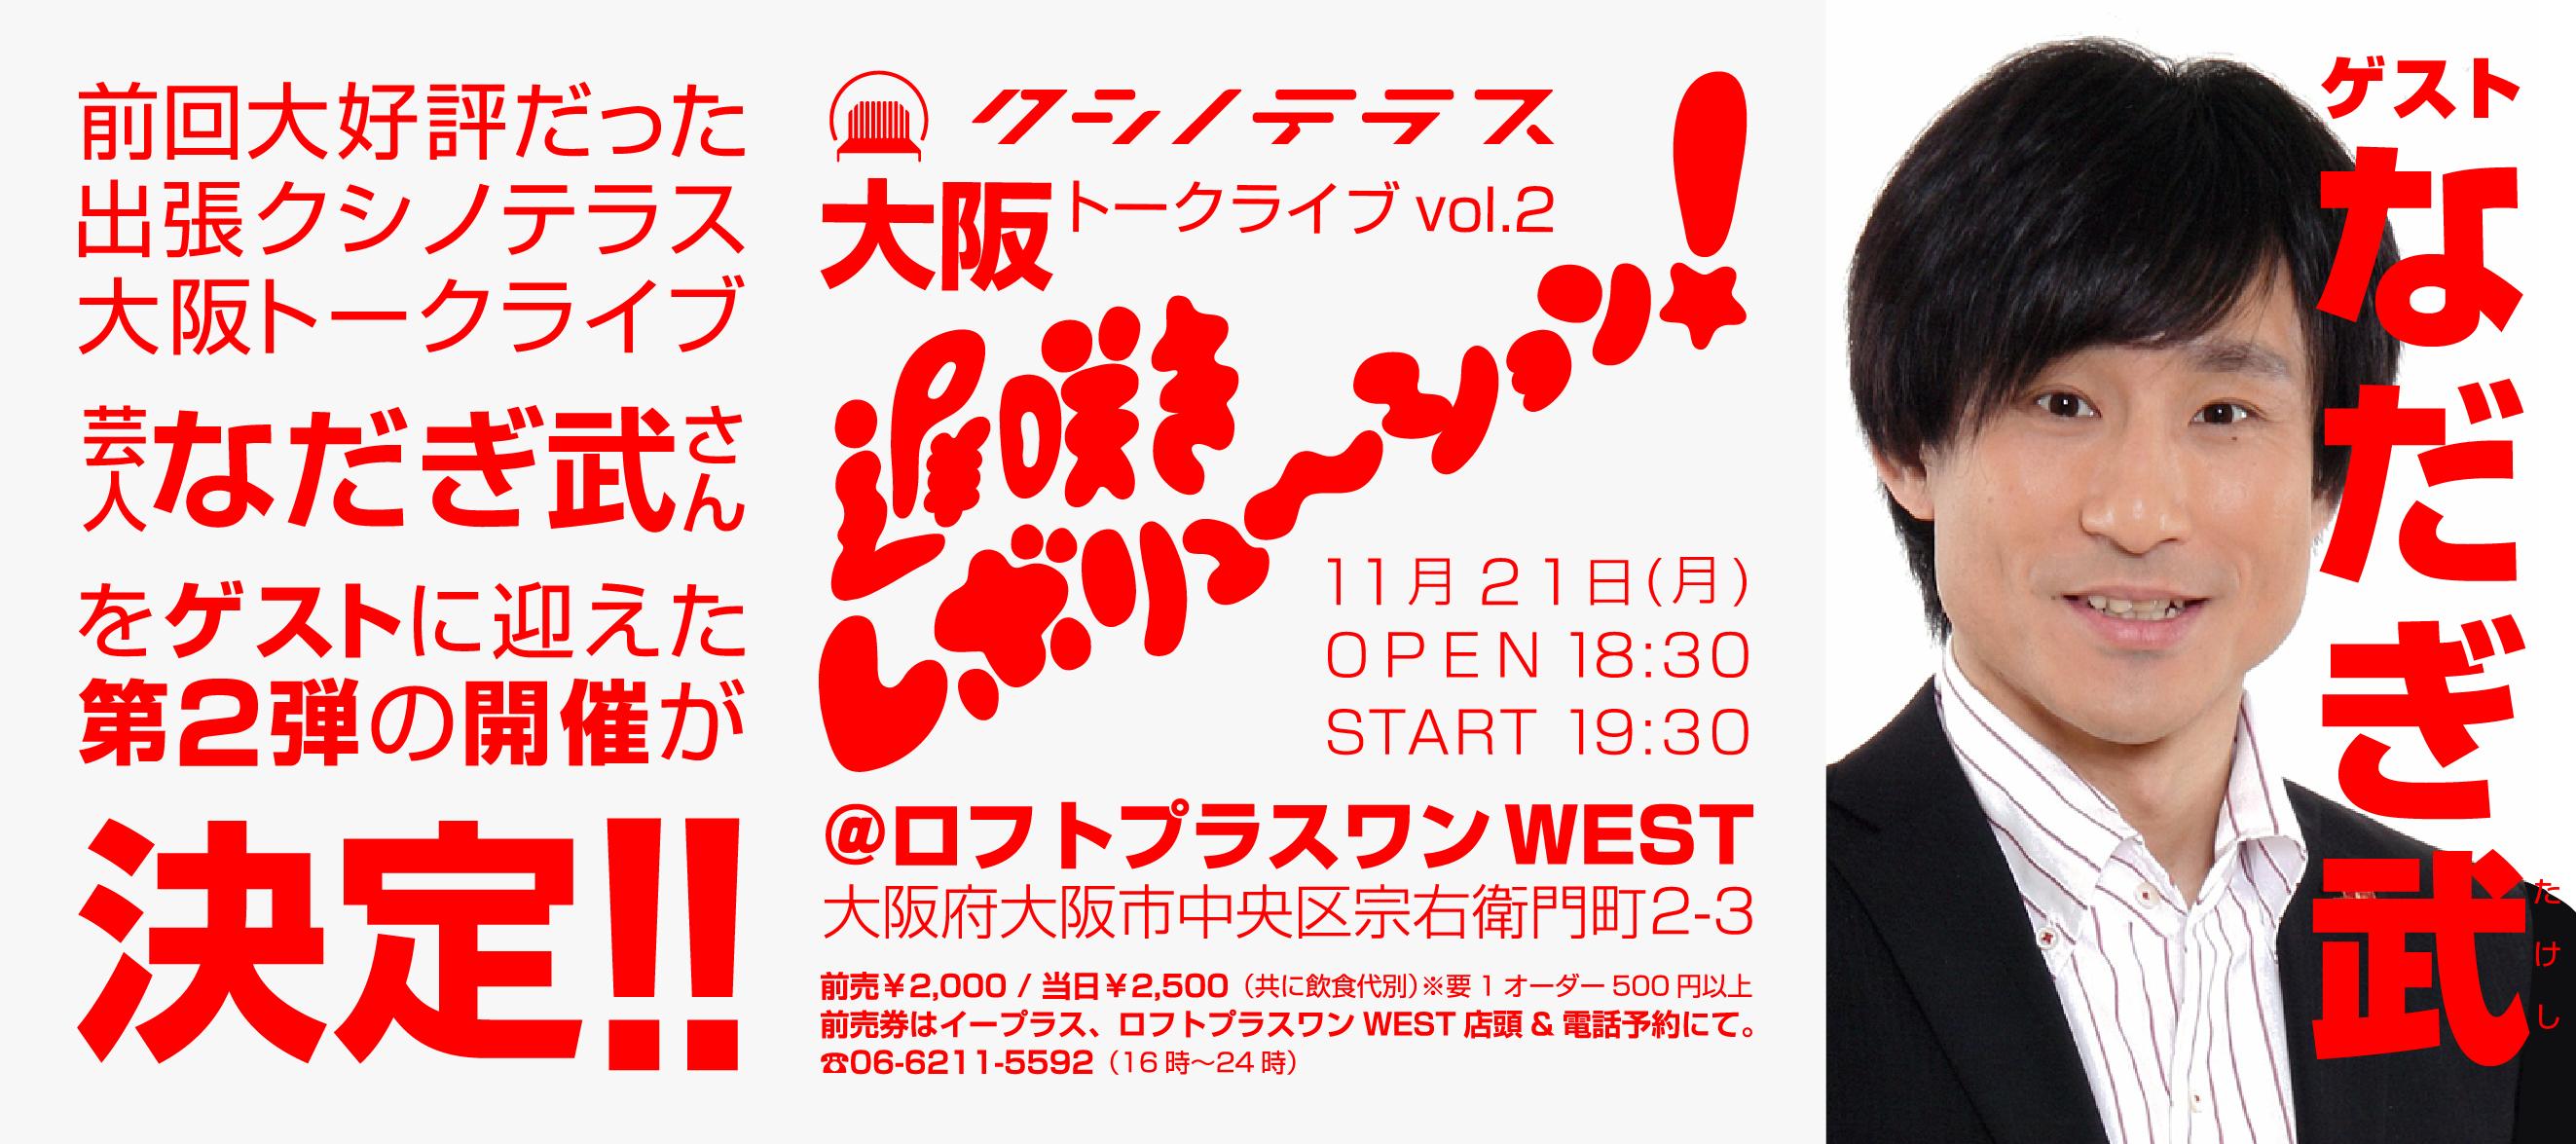 クシノテラス大阪トークライブ2【ゲスト:なだぎ武】